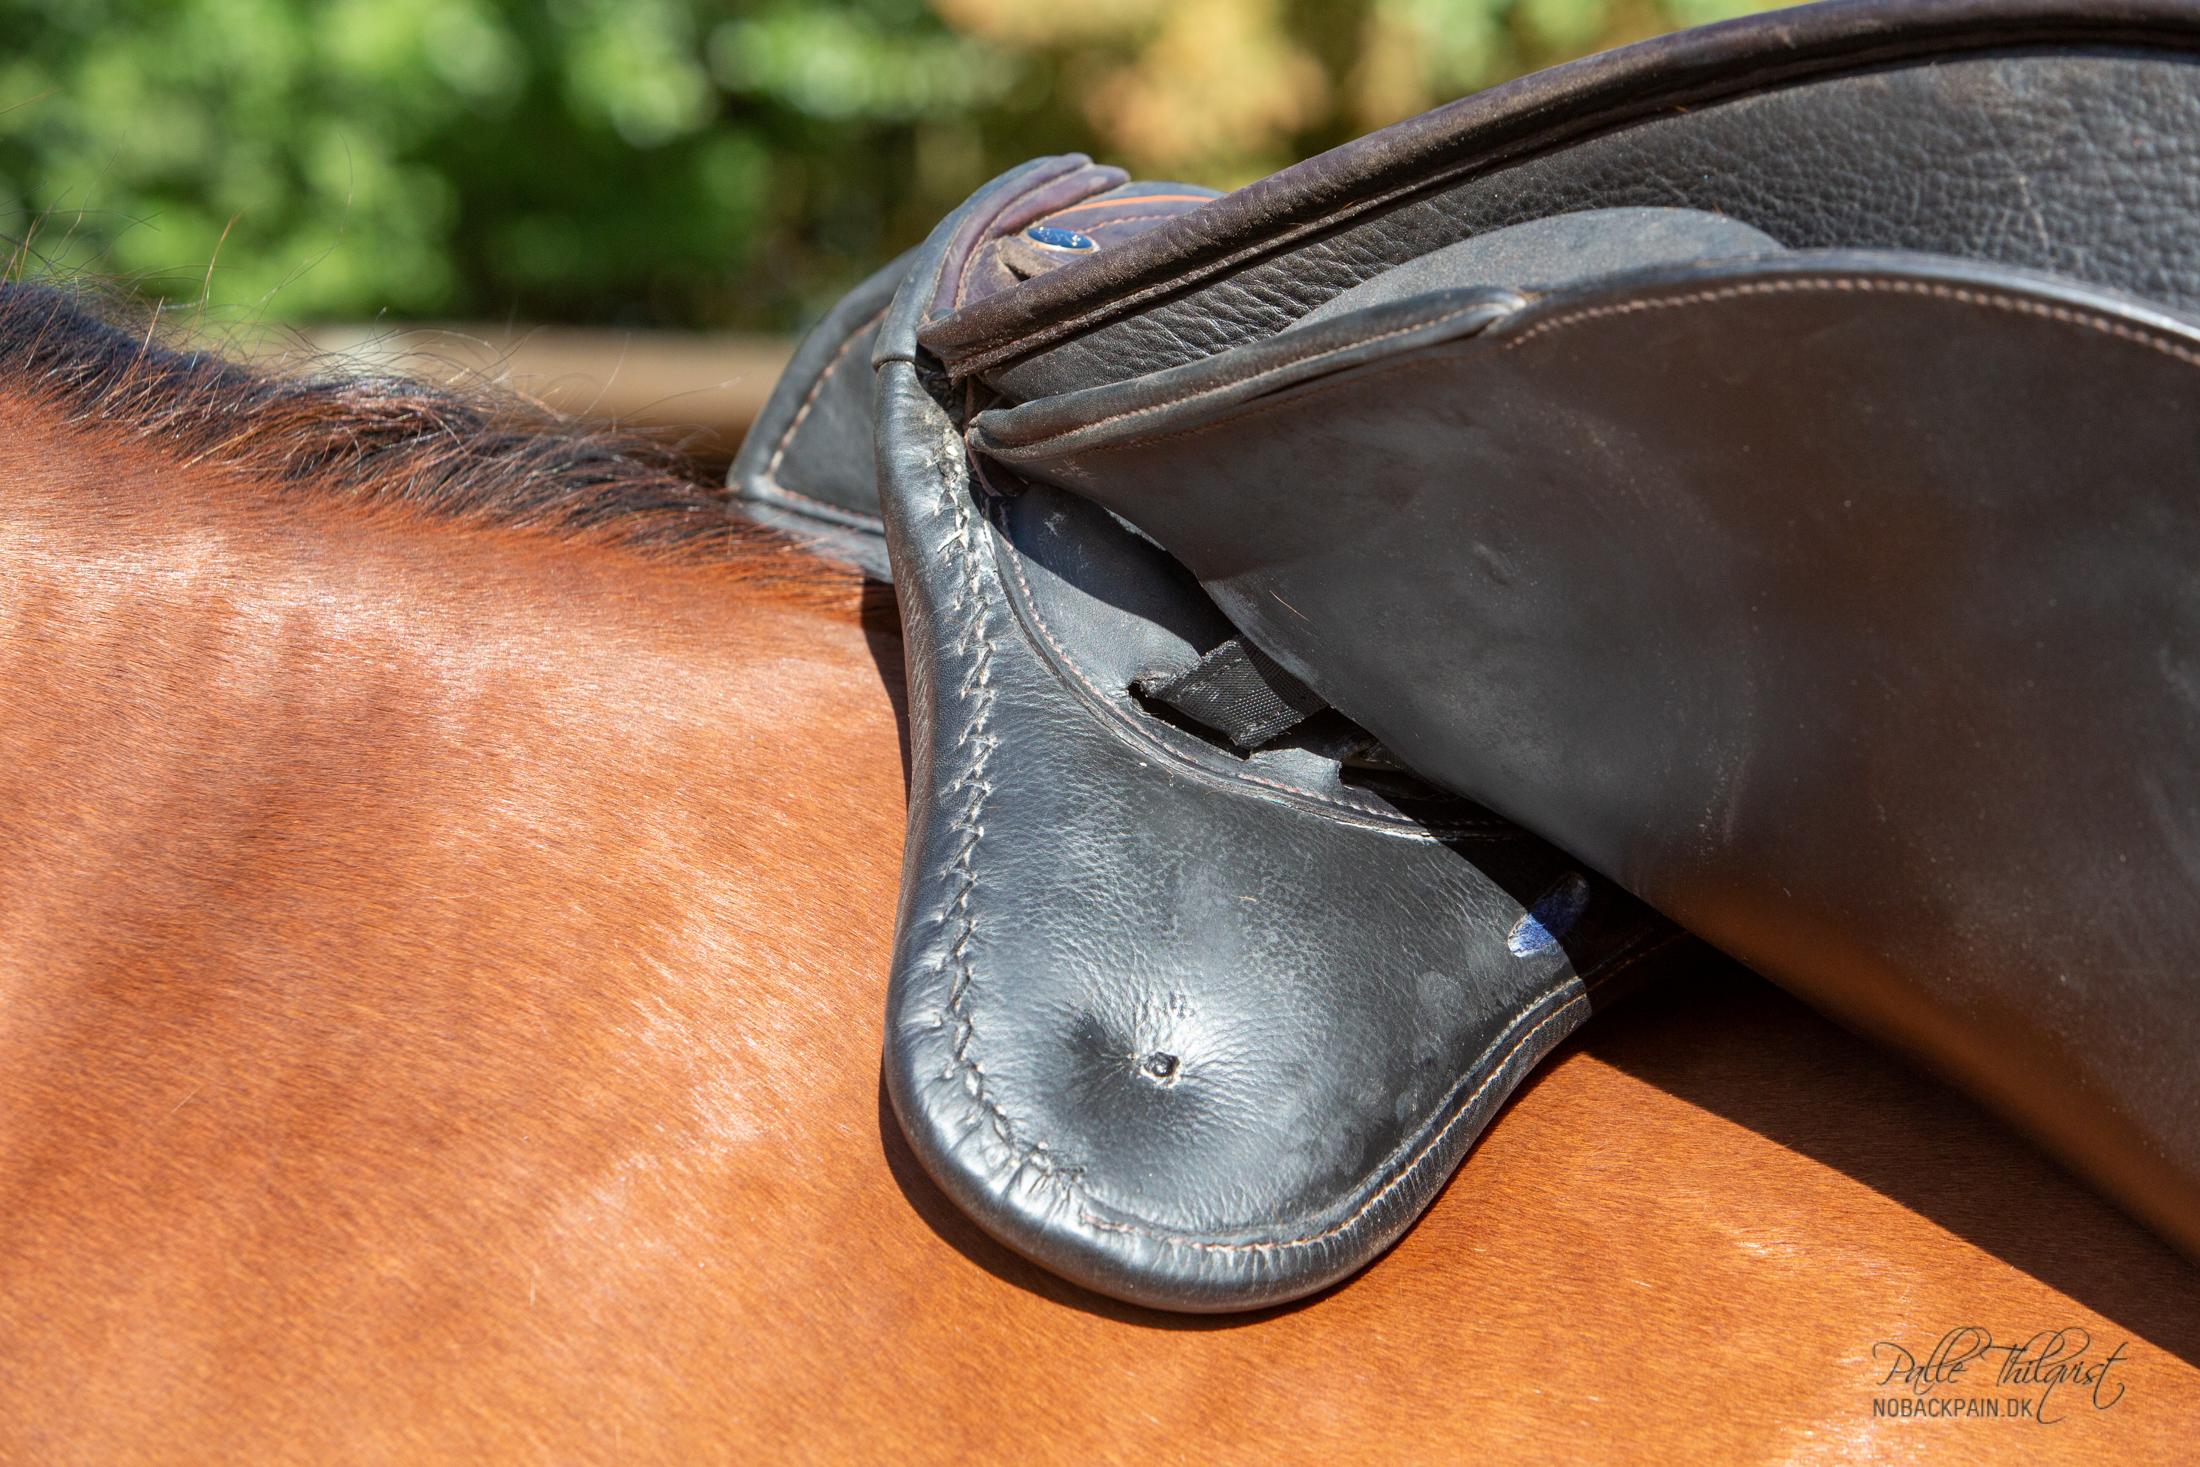 Puden under denne sadel er skåret tilbage for at give skuldermusklen plads.